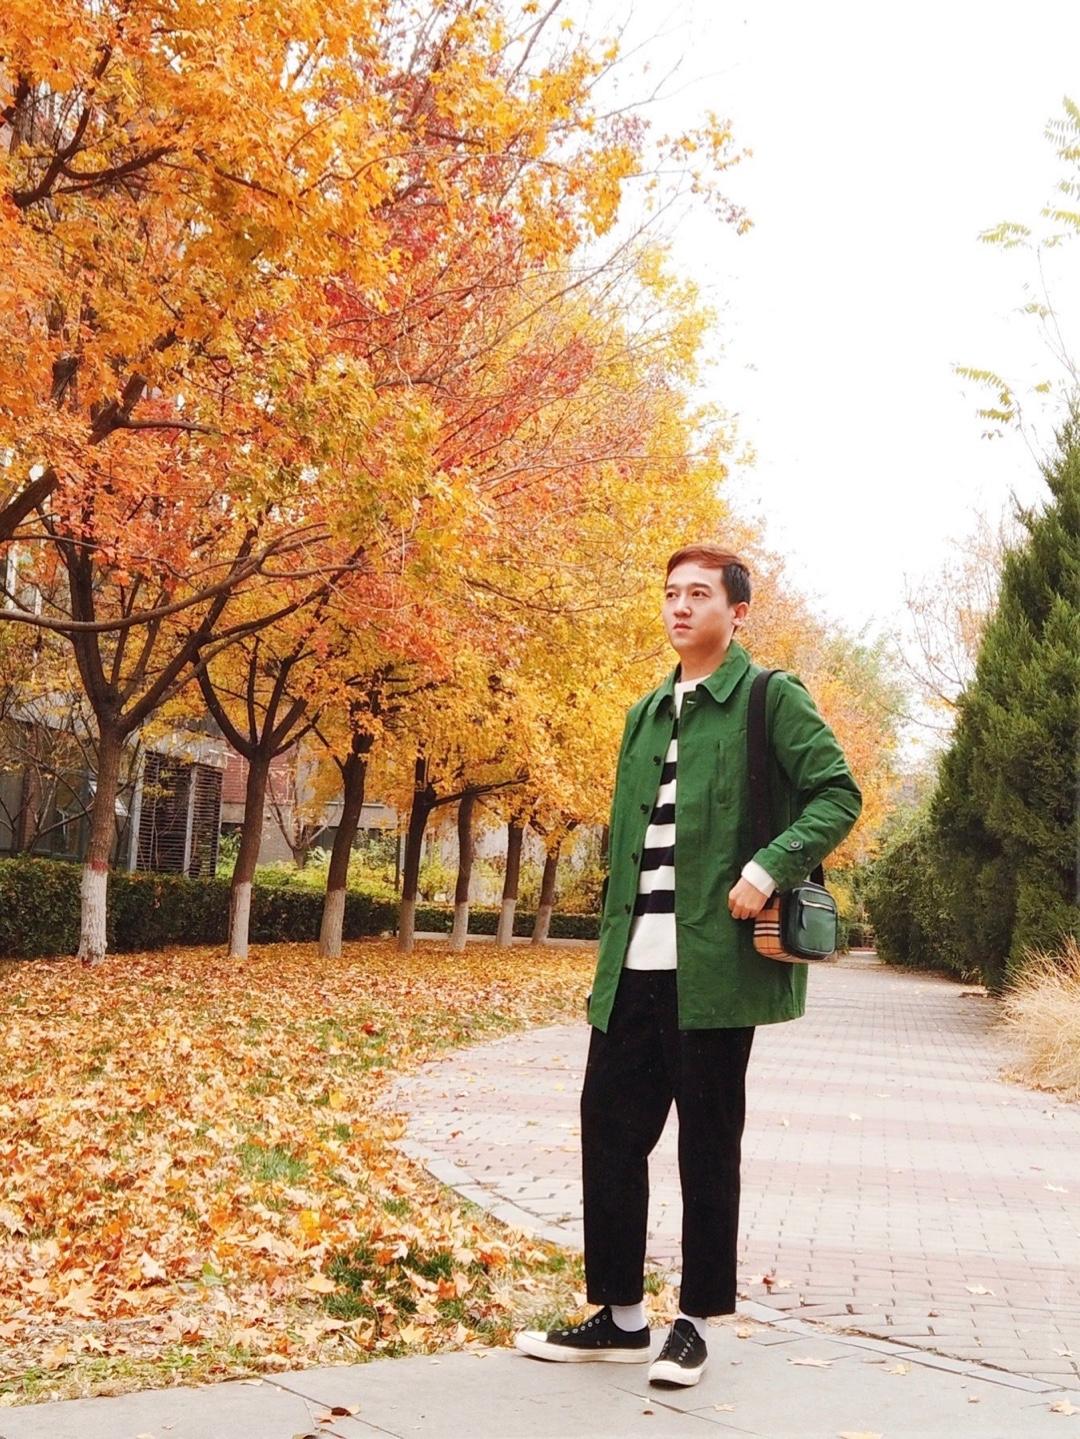 发誓再不买绿色衣服了,尤其是墨绿,难搭,只能配单调无趣的黑白色。 秋天,北京的树是一年中最美的,红色or金色都超级美,今天大阴天拍照也很好看。 衣服:undershift 裤子:gu 小包:burberry  #秋季Look#